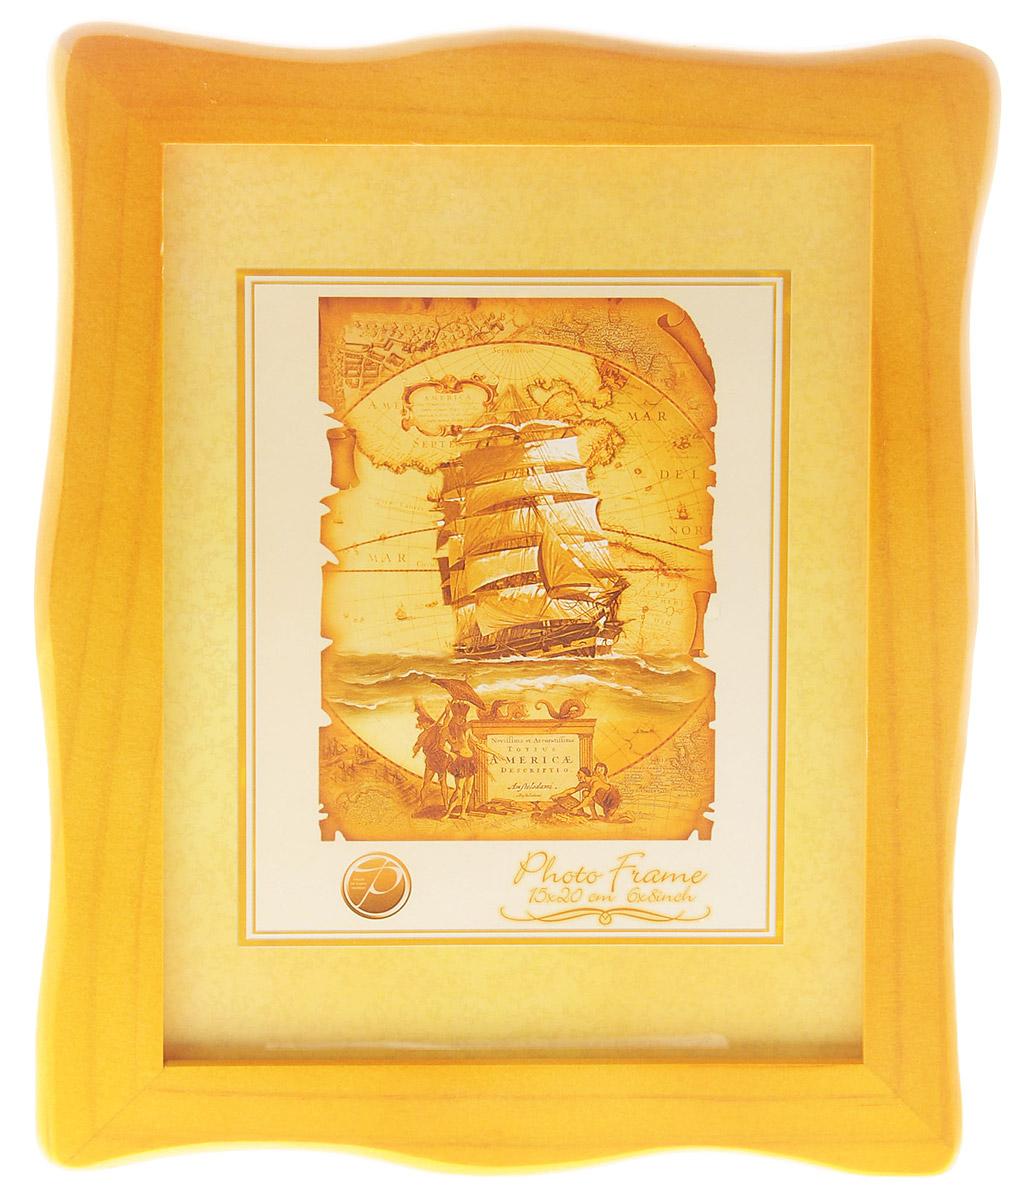 Фоторамка Pioneer Susanna, цвет: темно-желтый, 15 x 20 см633732001_темно-желтыйФоторамка Pioneer Susanna выполнена из высококачественного дерева и стекла, защищающего фотографию. Оборотная сторона рамки оснащена специальной ножкой, благодаря которой ее можно поставить на стол или любое другое место в доме или офисе. Также на изделии имеются два специальных отверстия для подвешивания. Такая фоторамка поможет вам оригинально и стильно дополнить интерьер помещения, а также позволит сохранить память о дорогих вам людях и интересных событиях вашей жизни.